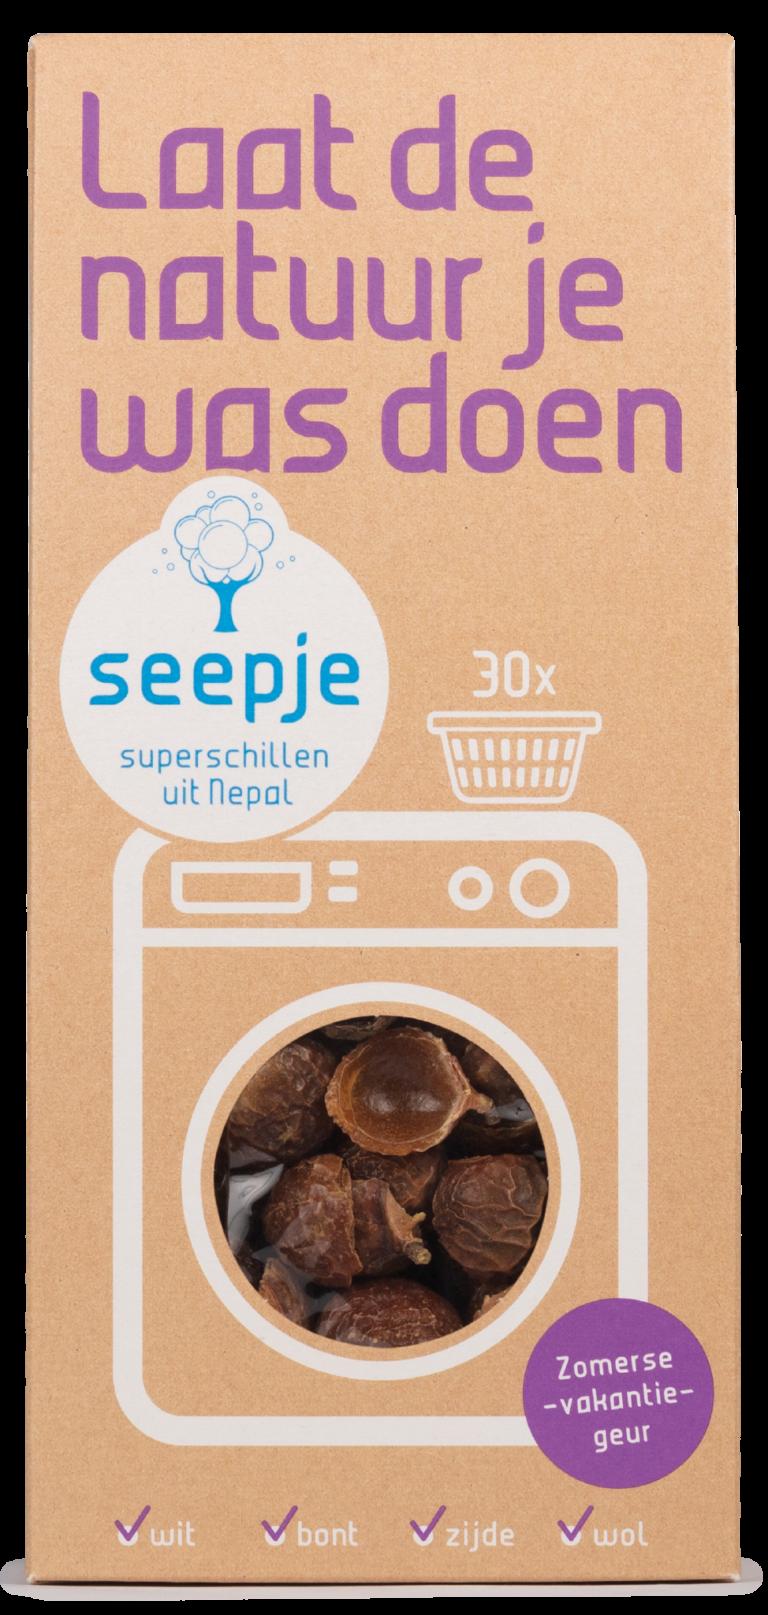 De superschillen van Seepje